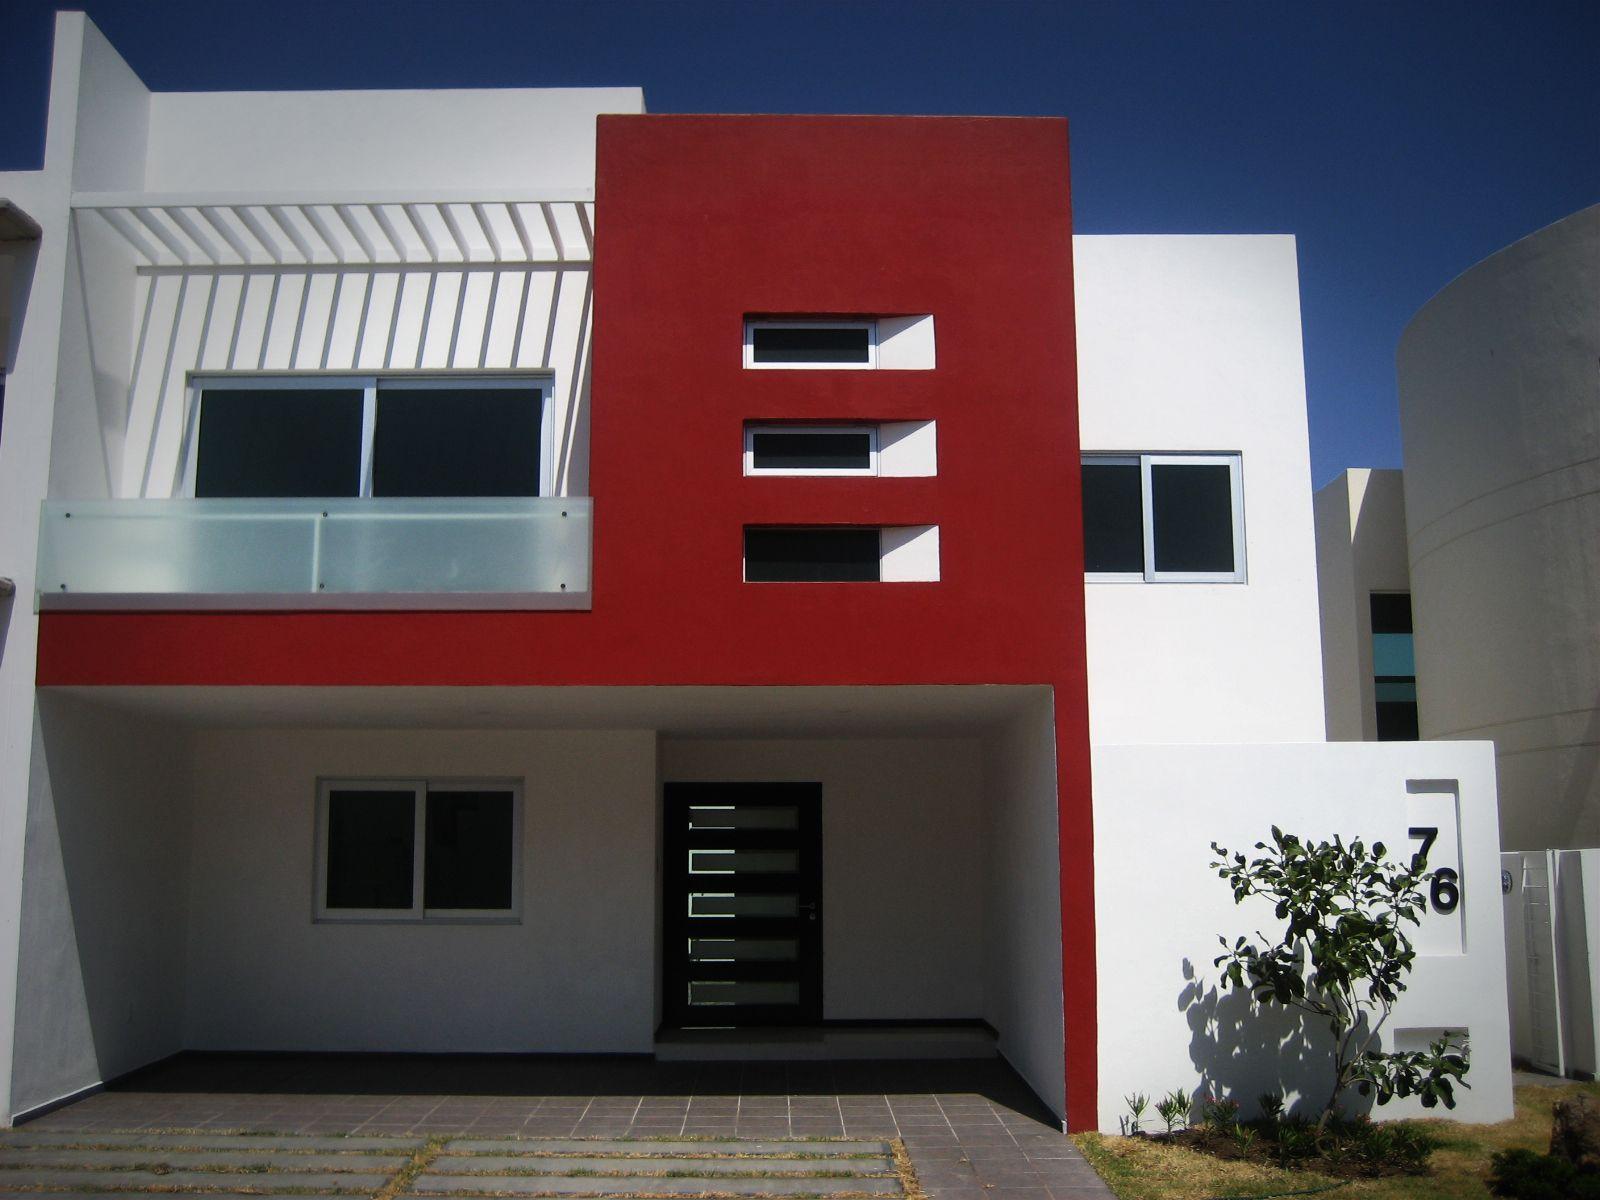 Blanco Rojo Exteriores De Casas Fachadas De Casas Modernas Exteriores De Casas Modernas